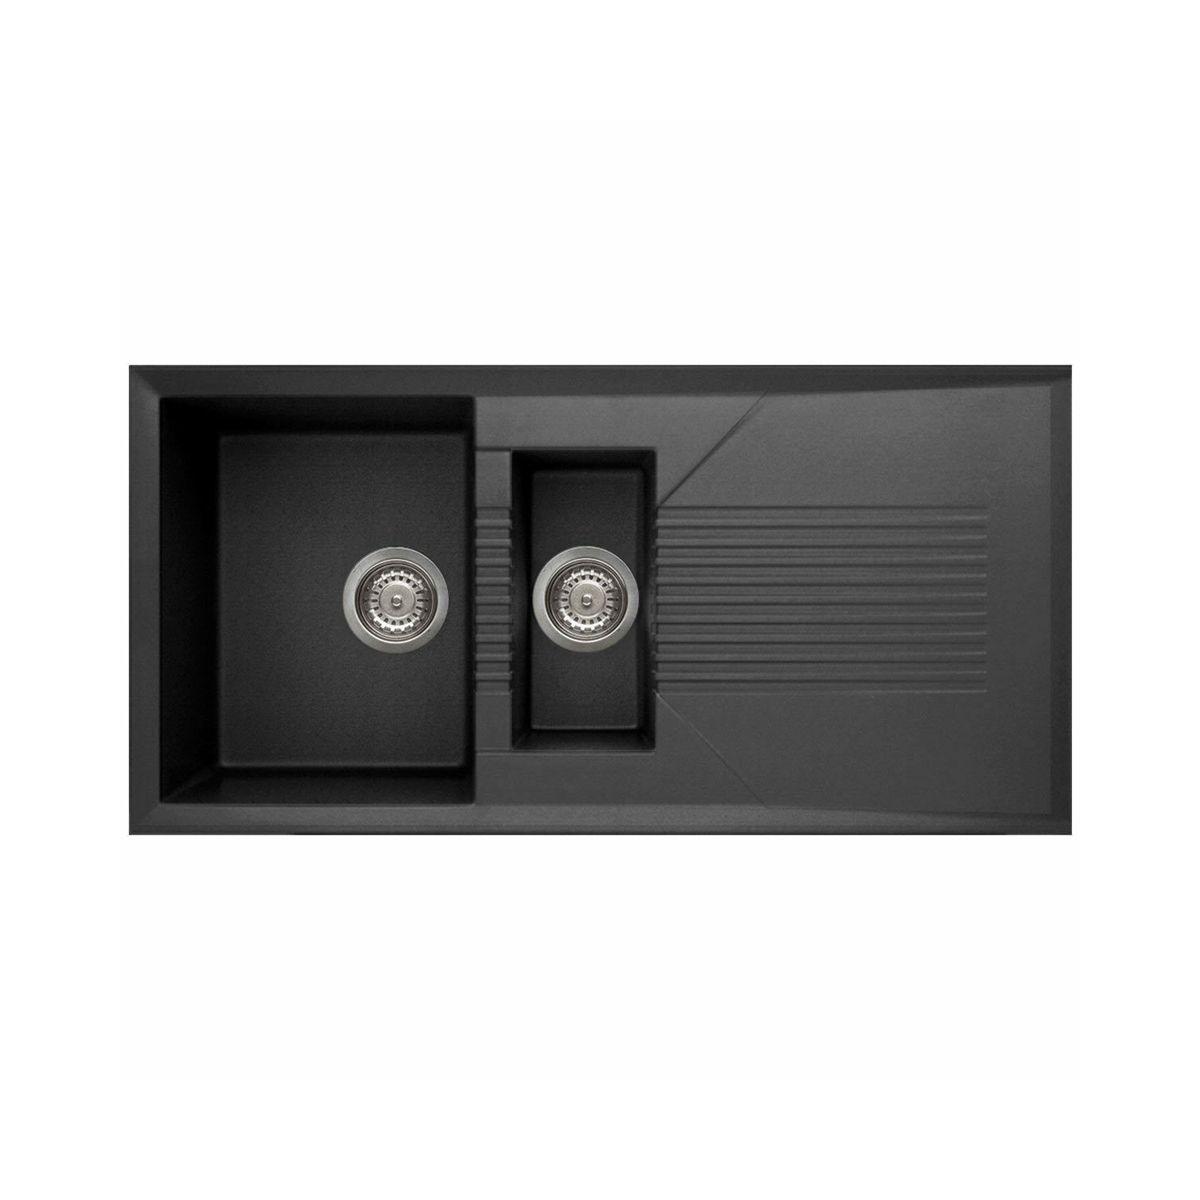 reginox tekno 1 5 bowl granite kitchen sink black 1000 x 500mm